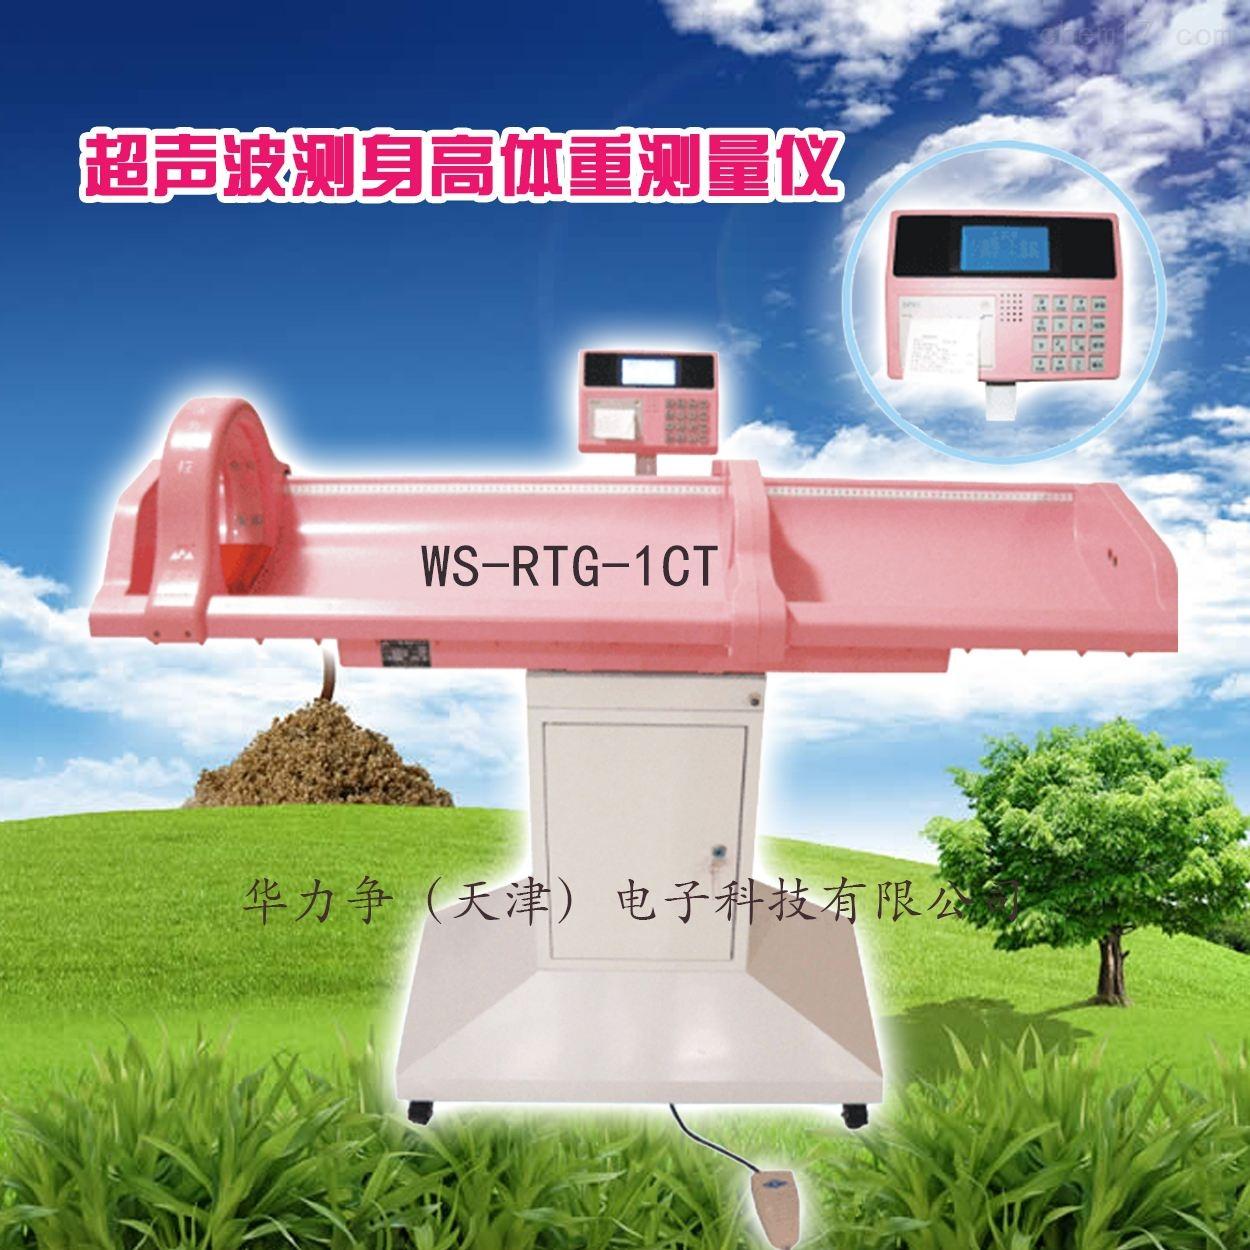 天津婴儿身高体重秤生产厂家、江苏婴儿身高体重秤生产厂家